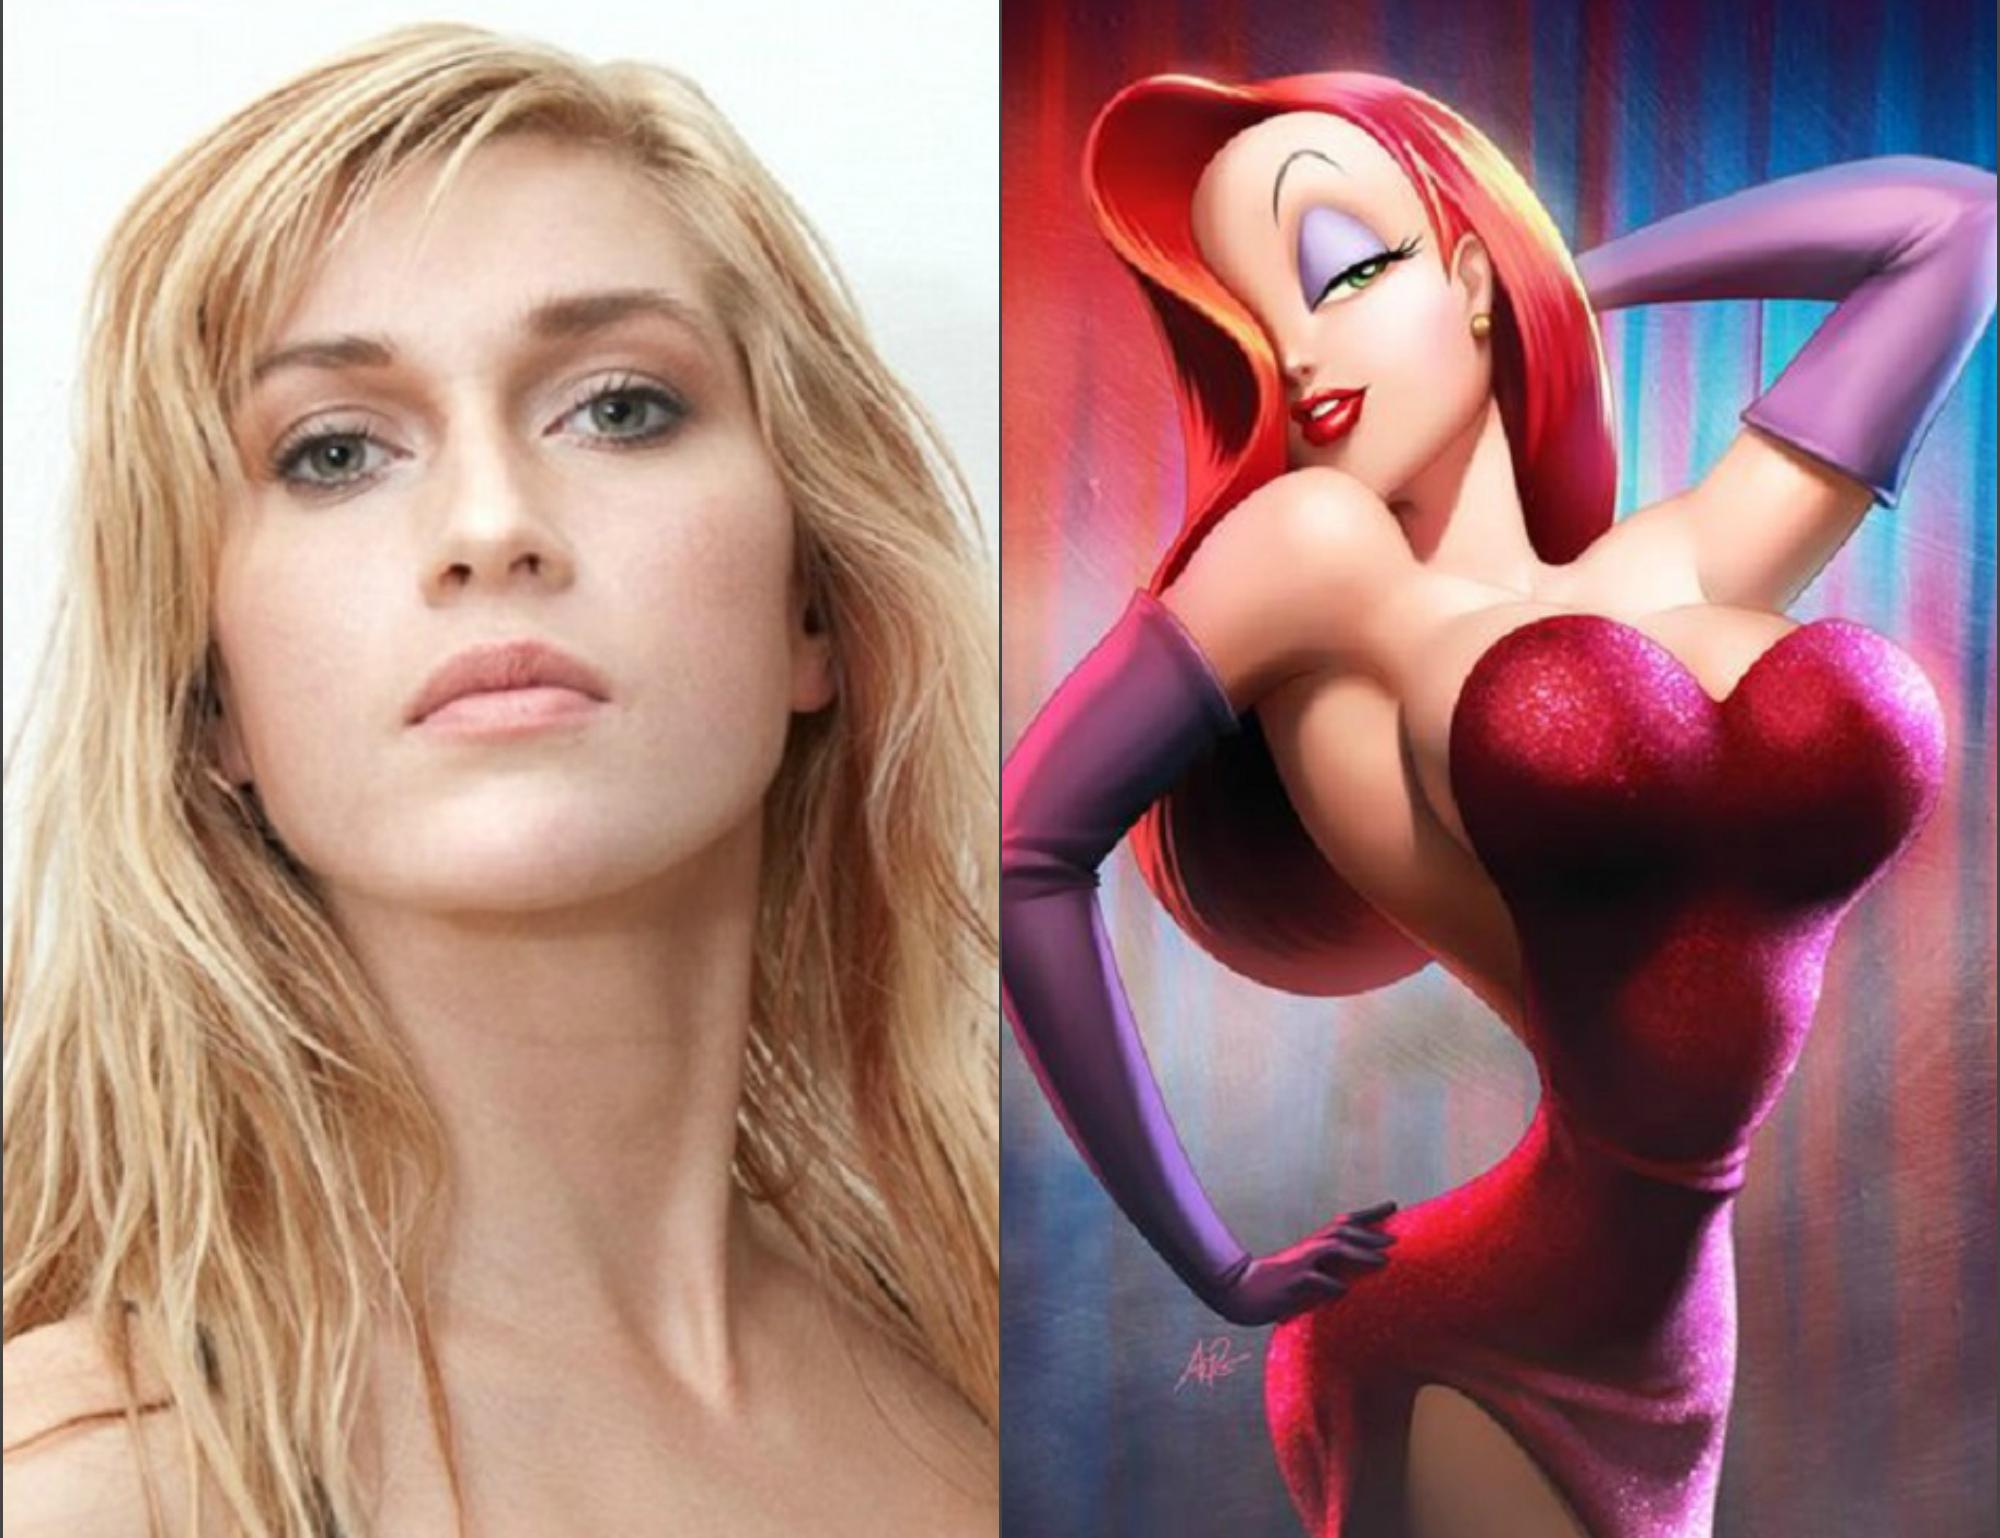 Шведская модель удалила 6 ребер и нереально увеличила грудь, чтобы стать похожей на героиню мультфильма (8 ФОТО)